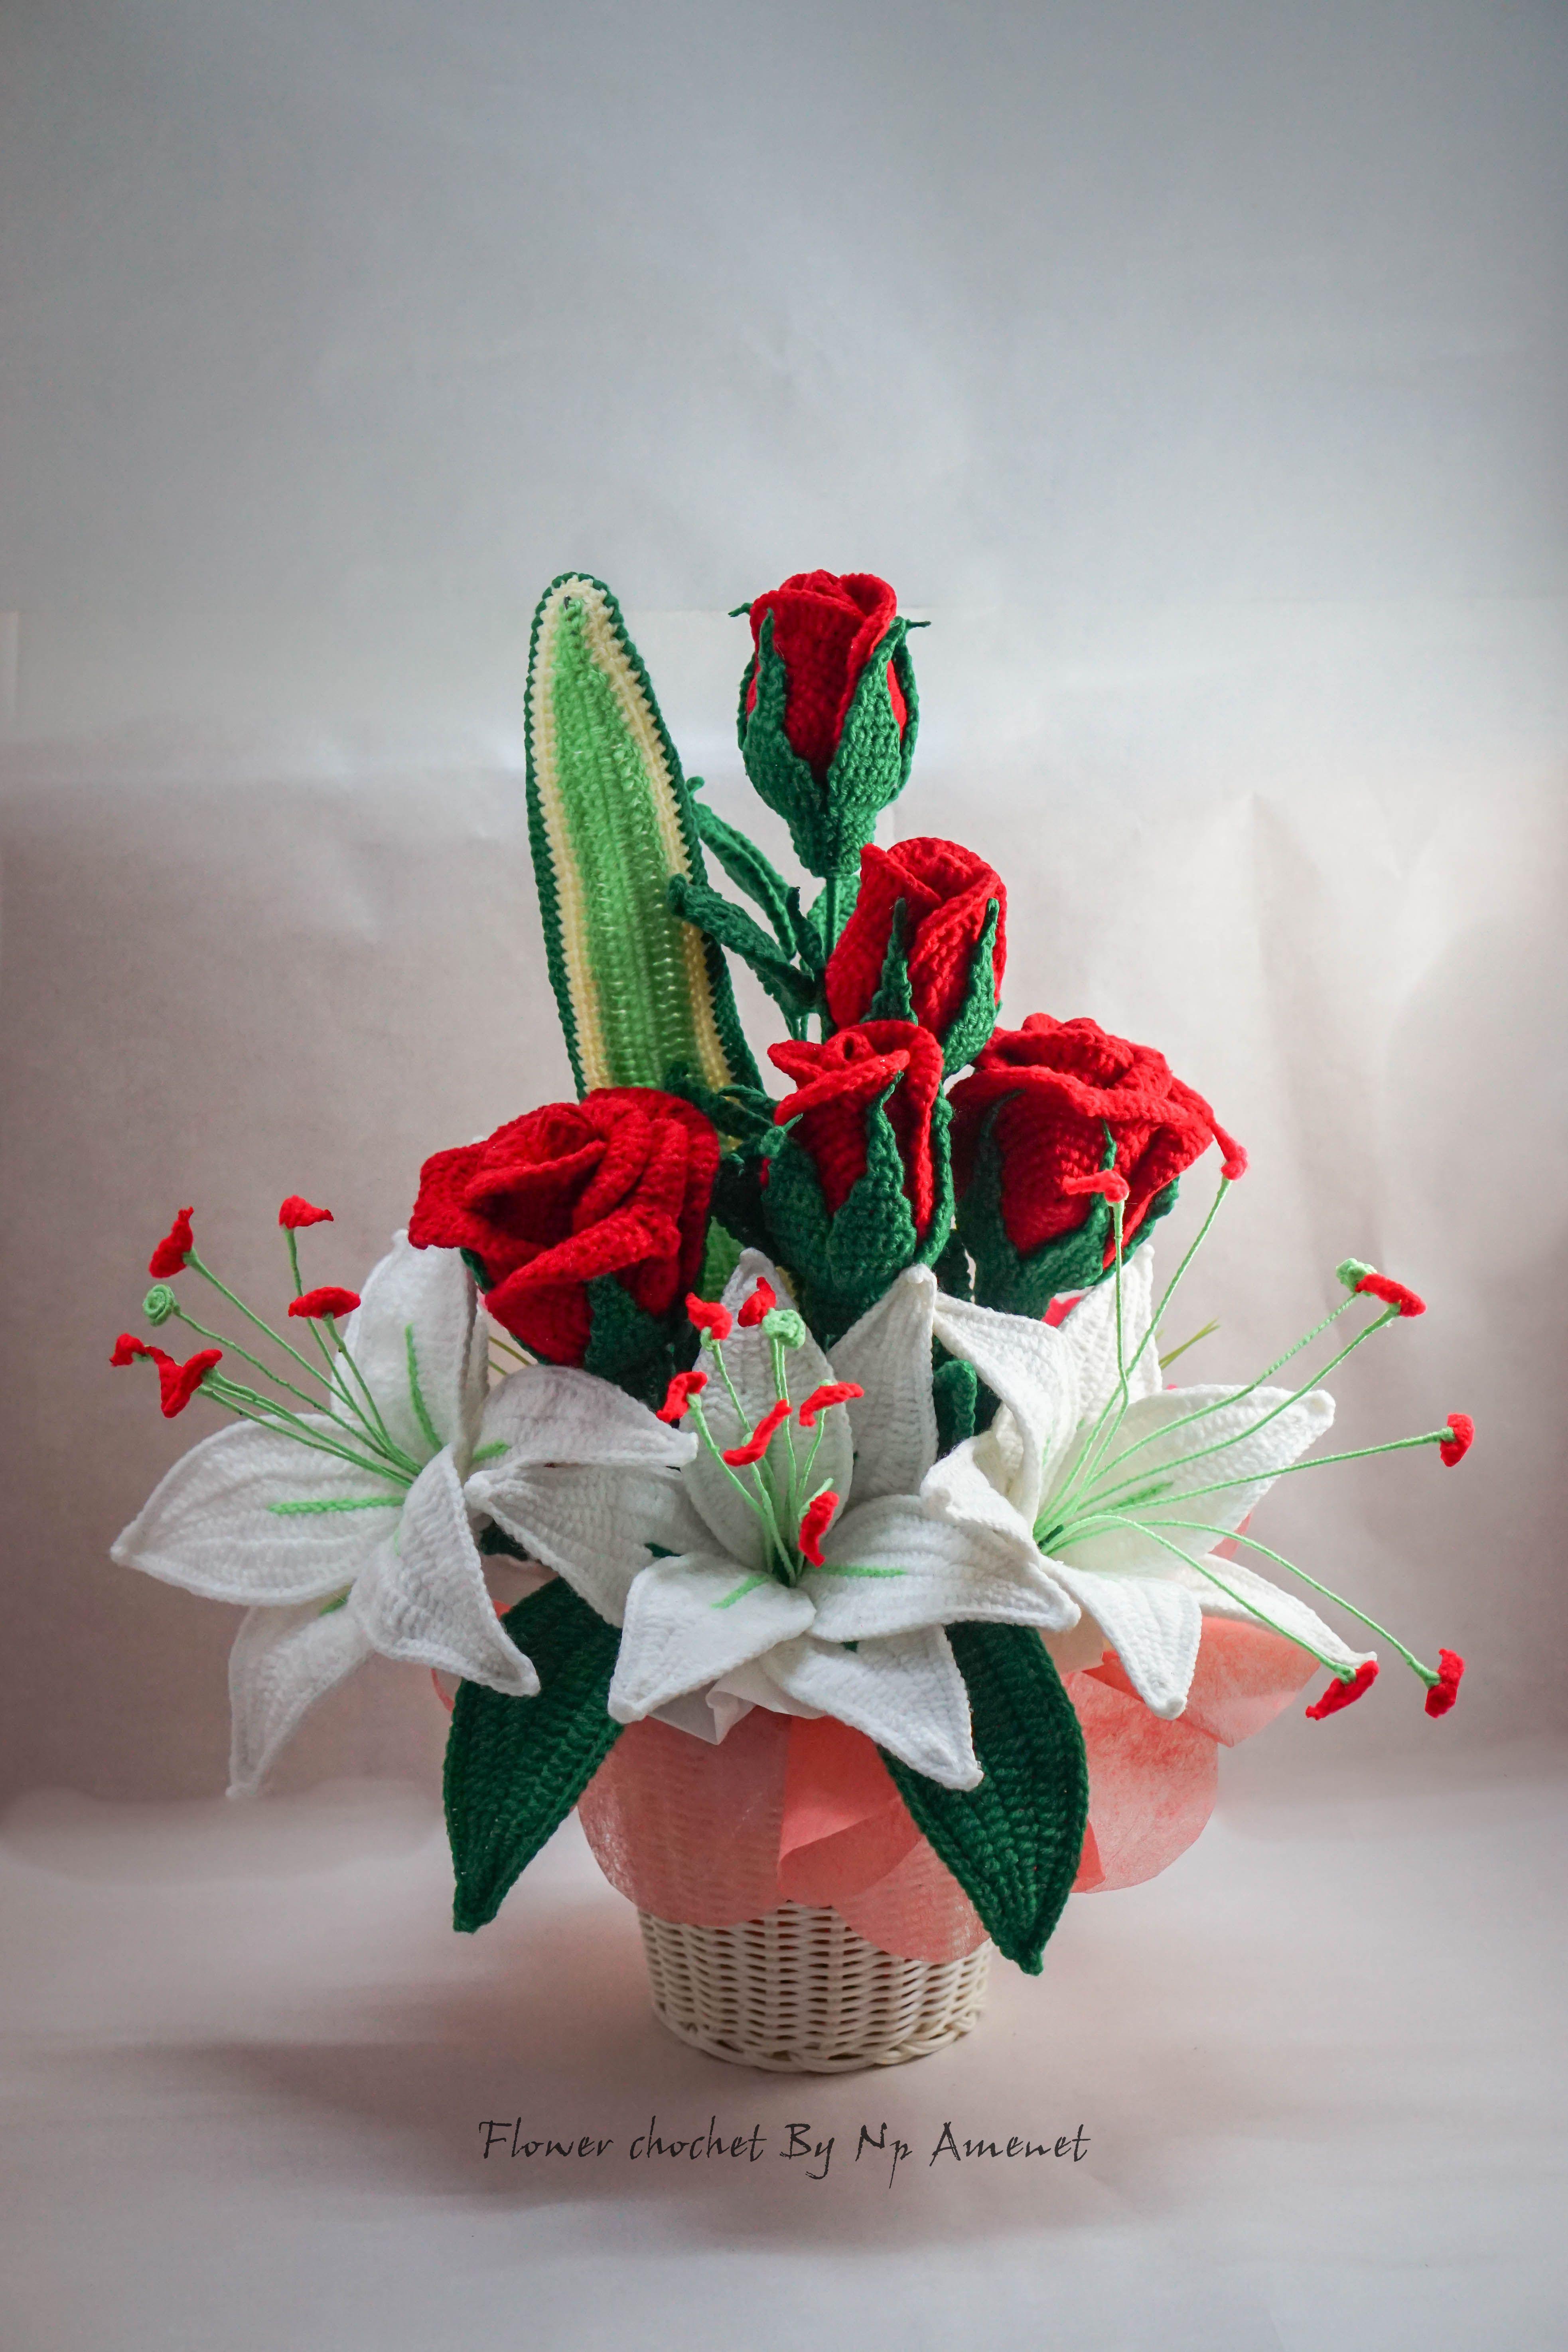 Flower bouquet flower bouquet crochet pinterest flower flower bouquet izmirmasajfo